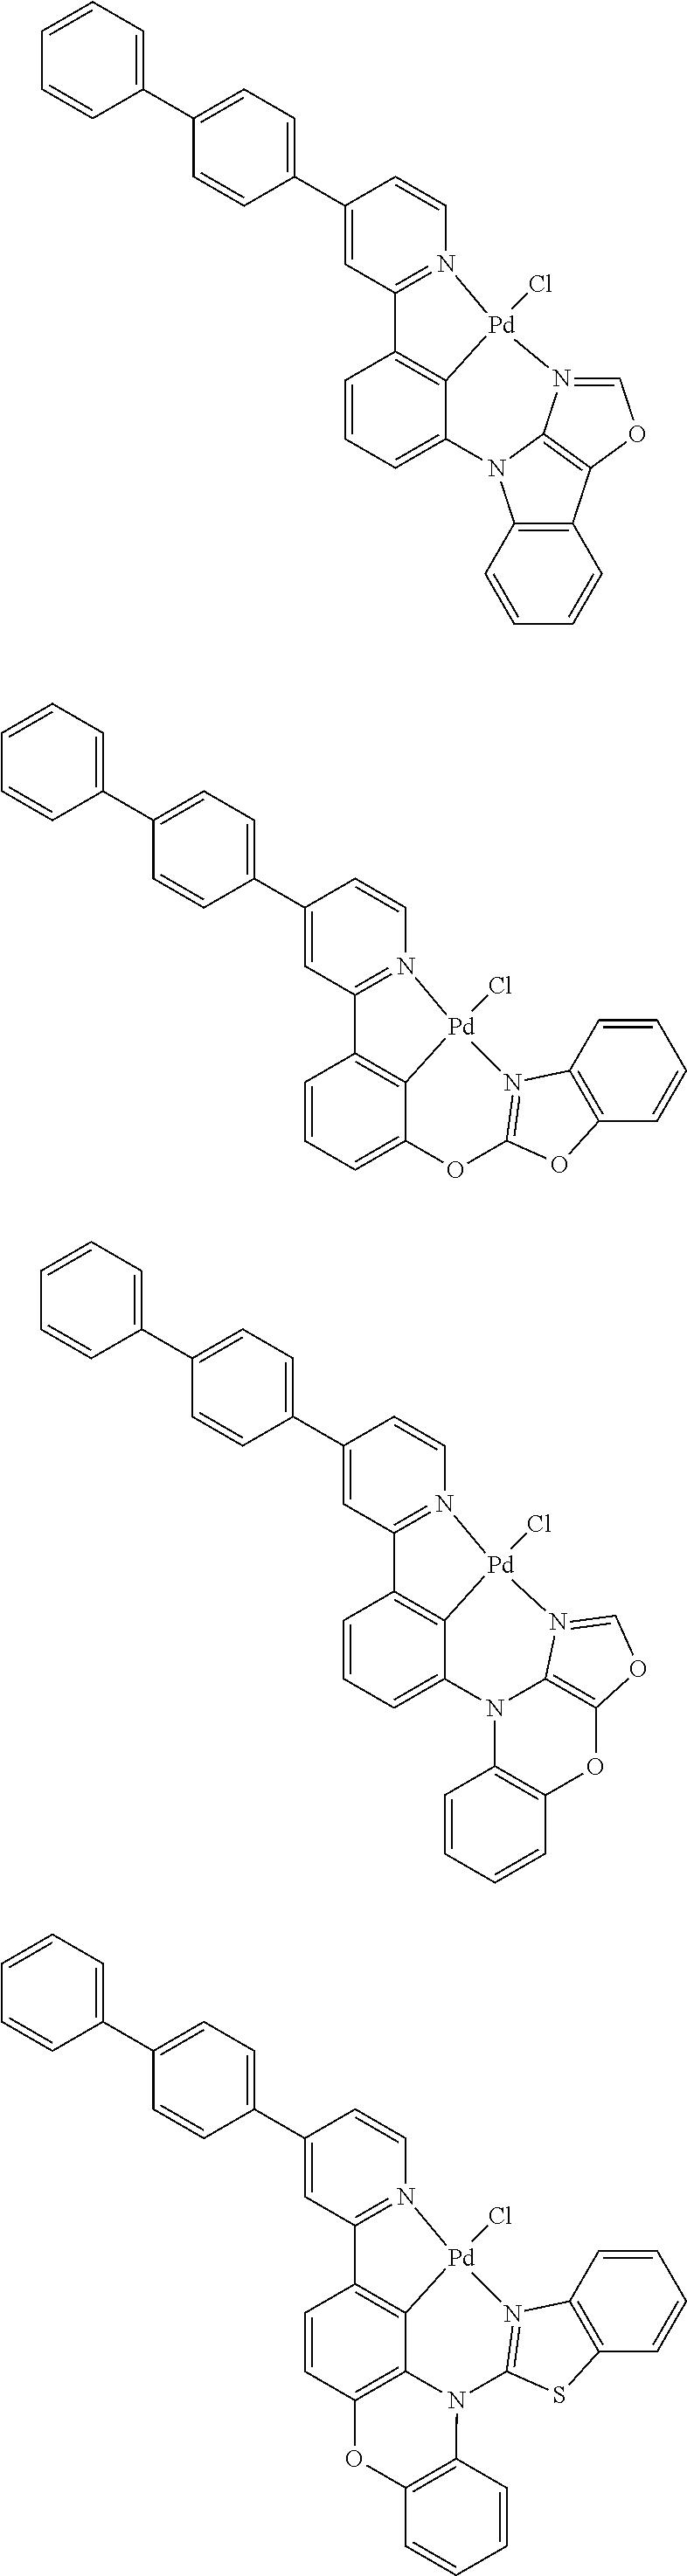 Figure US09818959-20171114-C00207